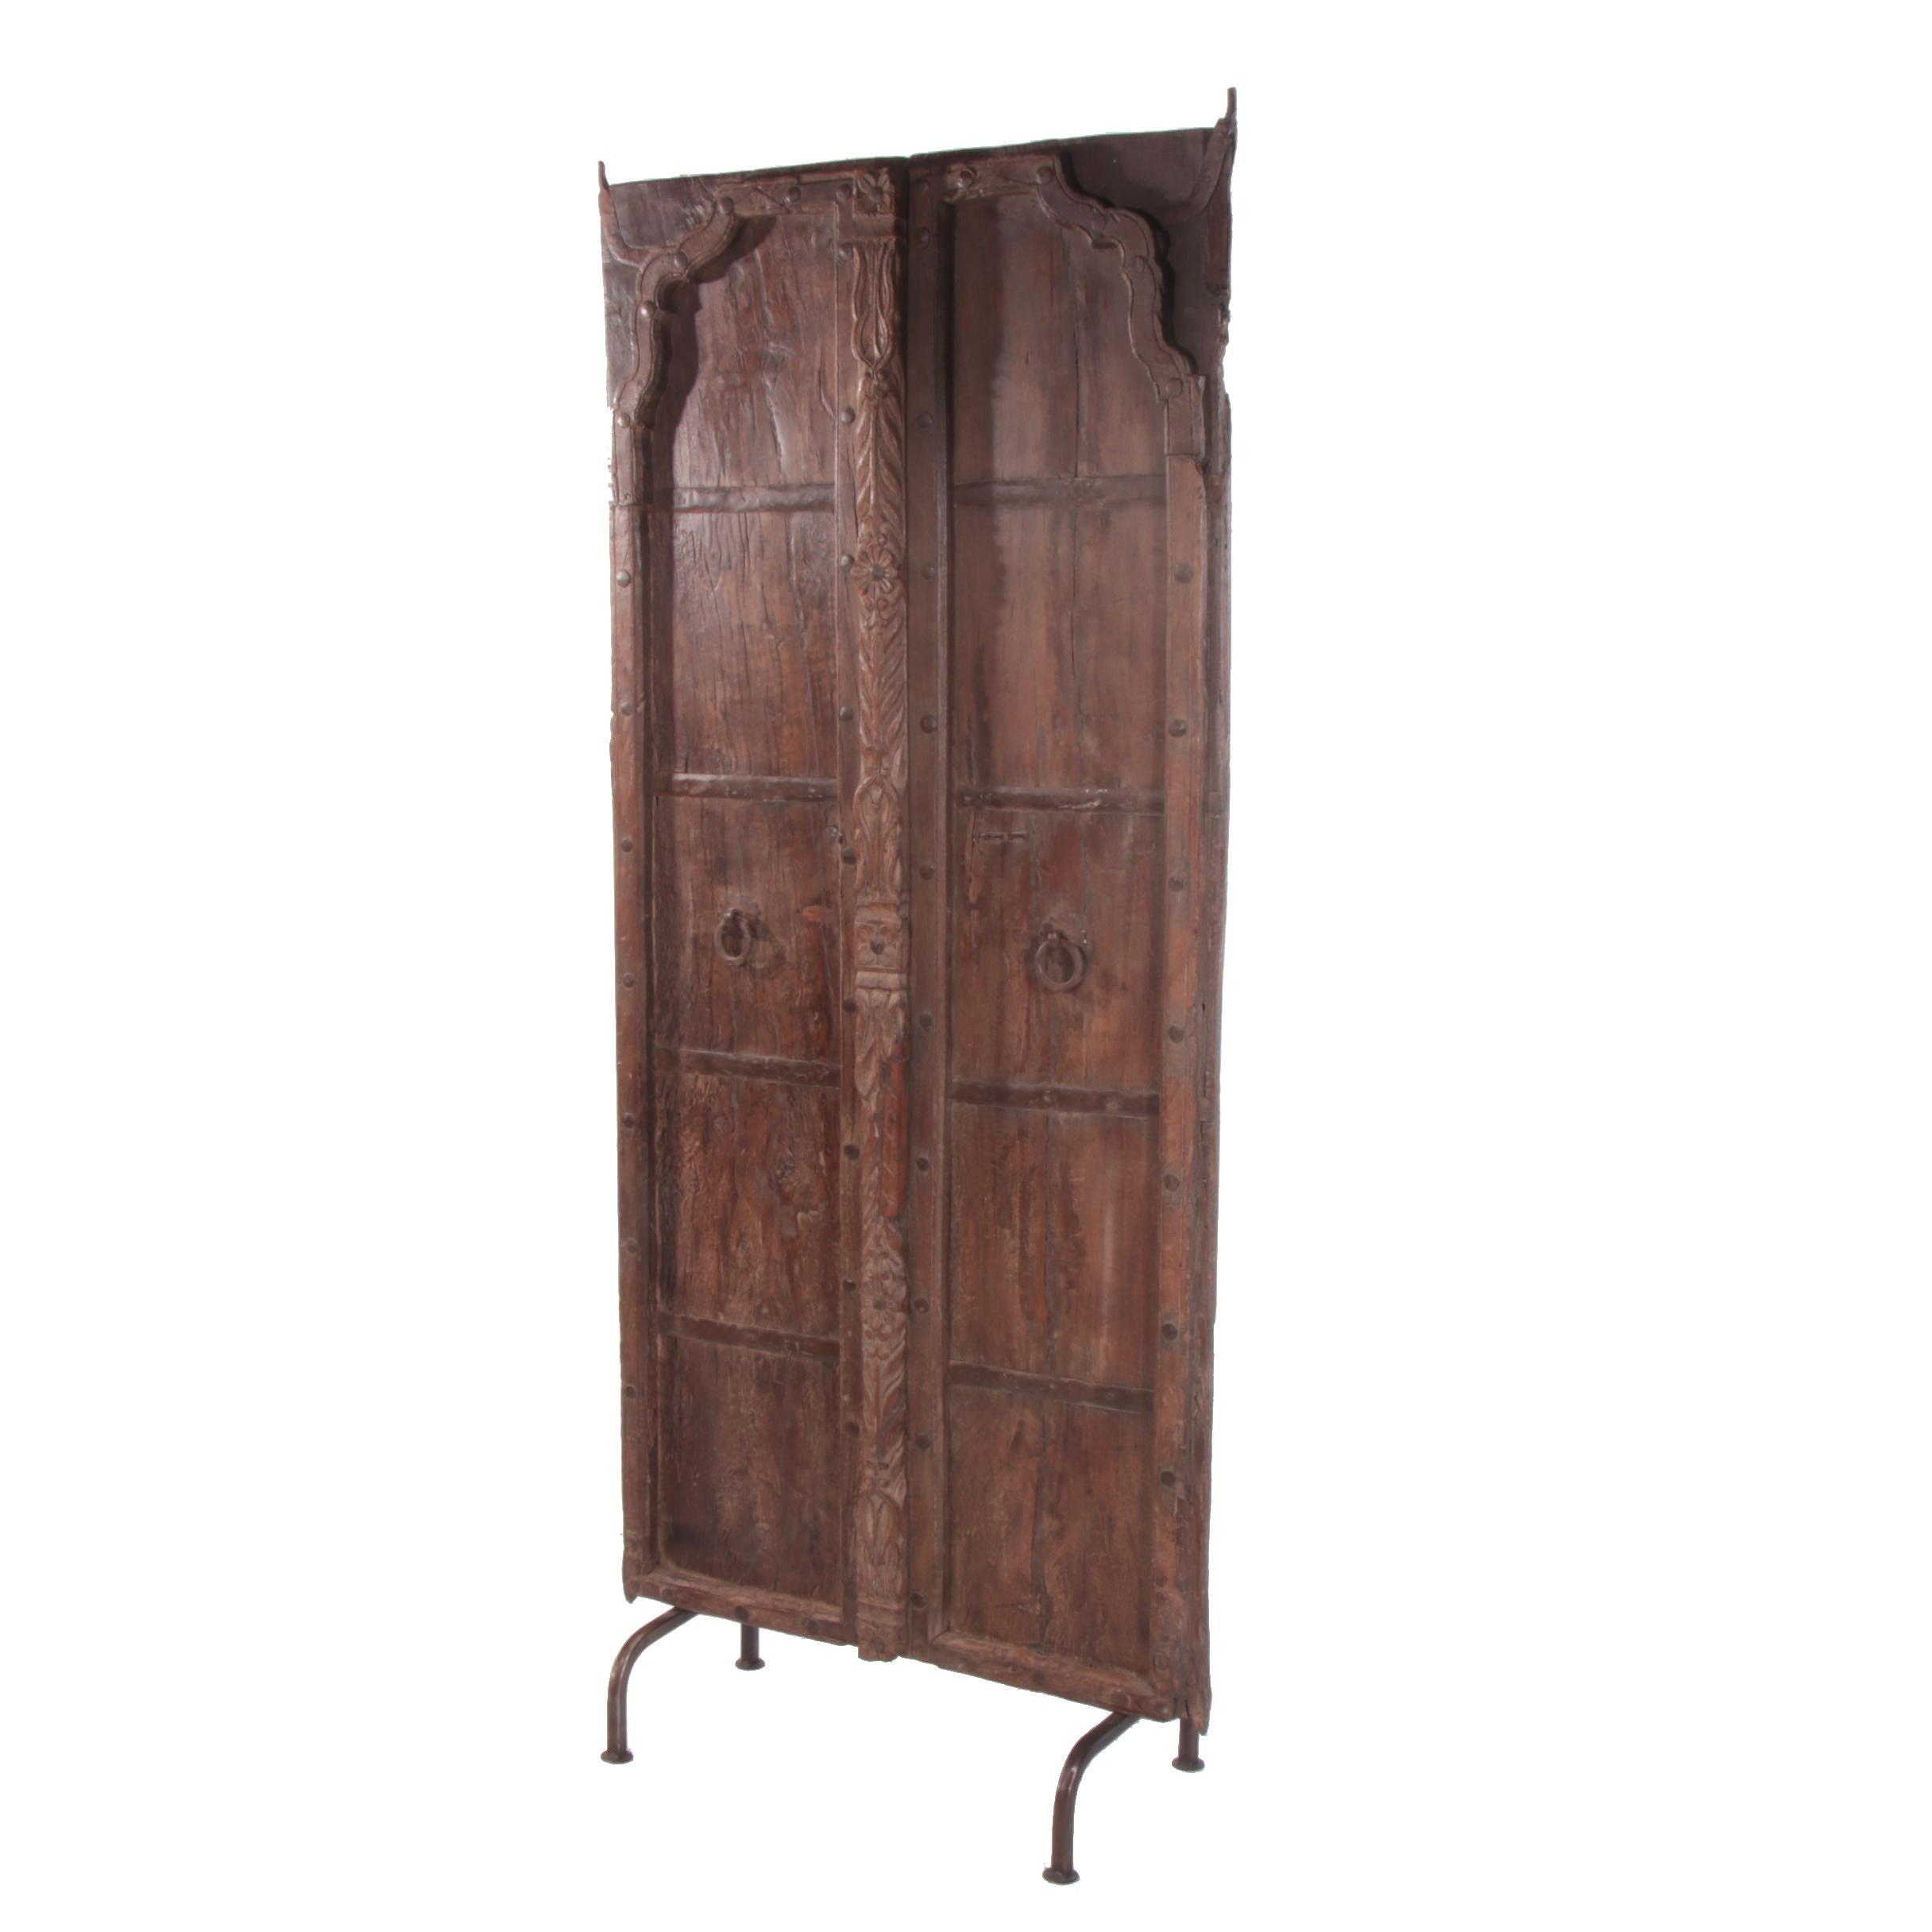 Indian Hardwood Door on Stand